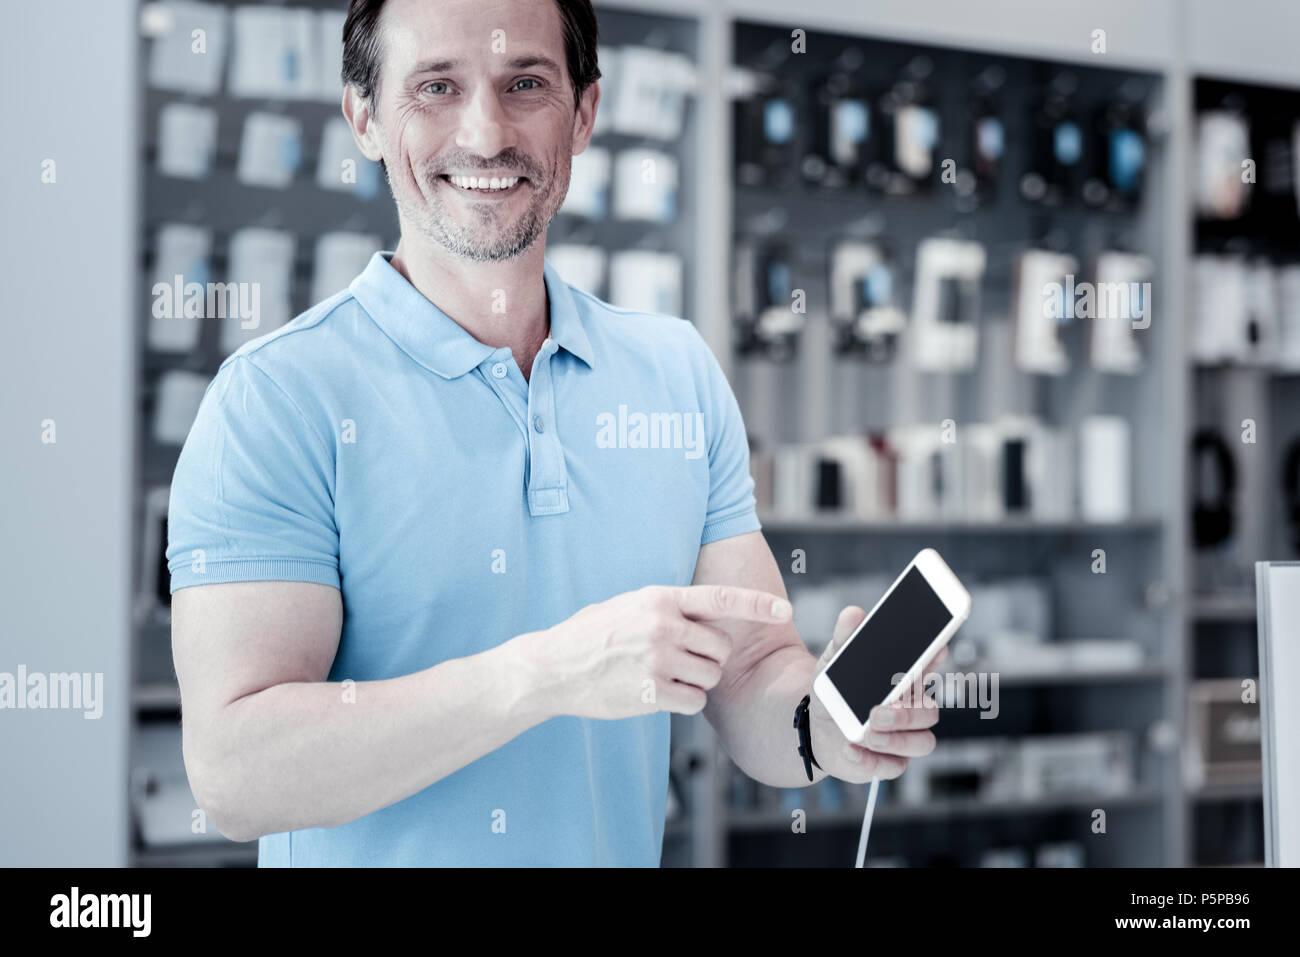 Glücklich lächelnde Mann an das Smartphone zeigt Stockbild